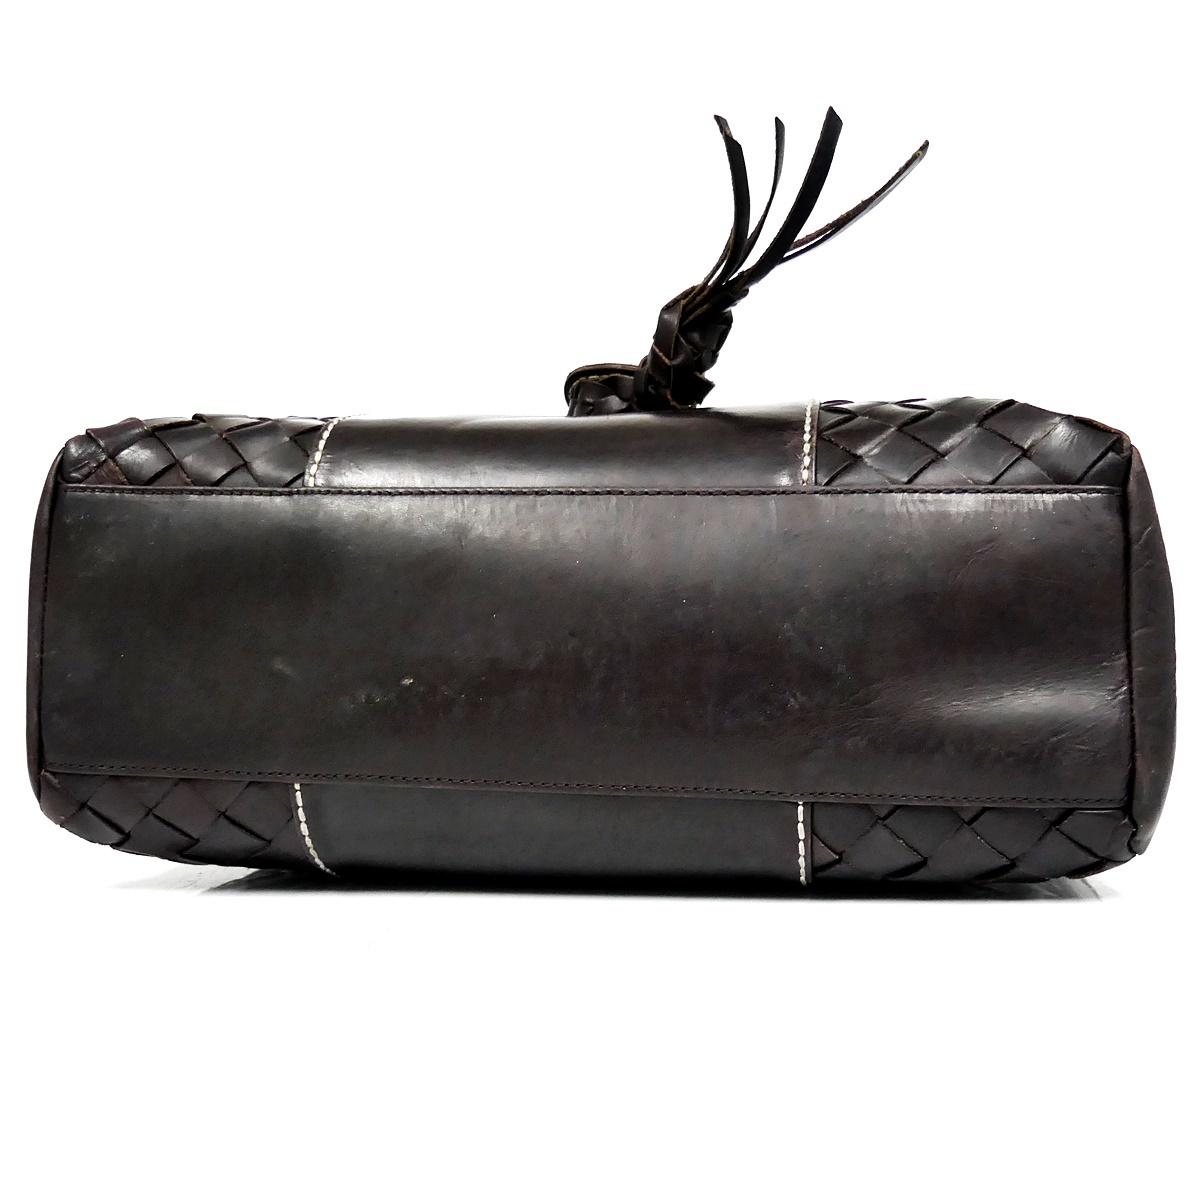 即決★IL BIANCO★レザーハンドバッグ イルビアンコ メンズ 茶 焦茶 本革 トートバッグ 本皮 かばん 鞄 レディース 手提げバッグ_画像6